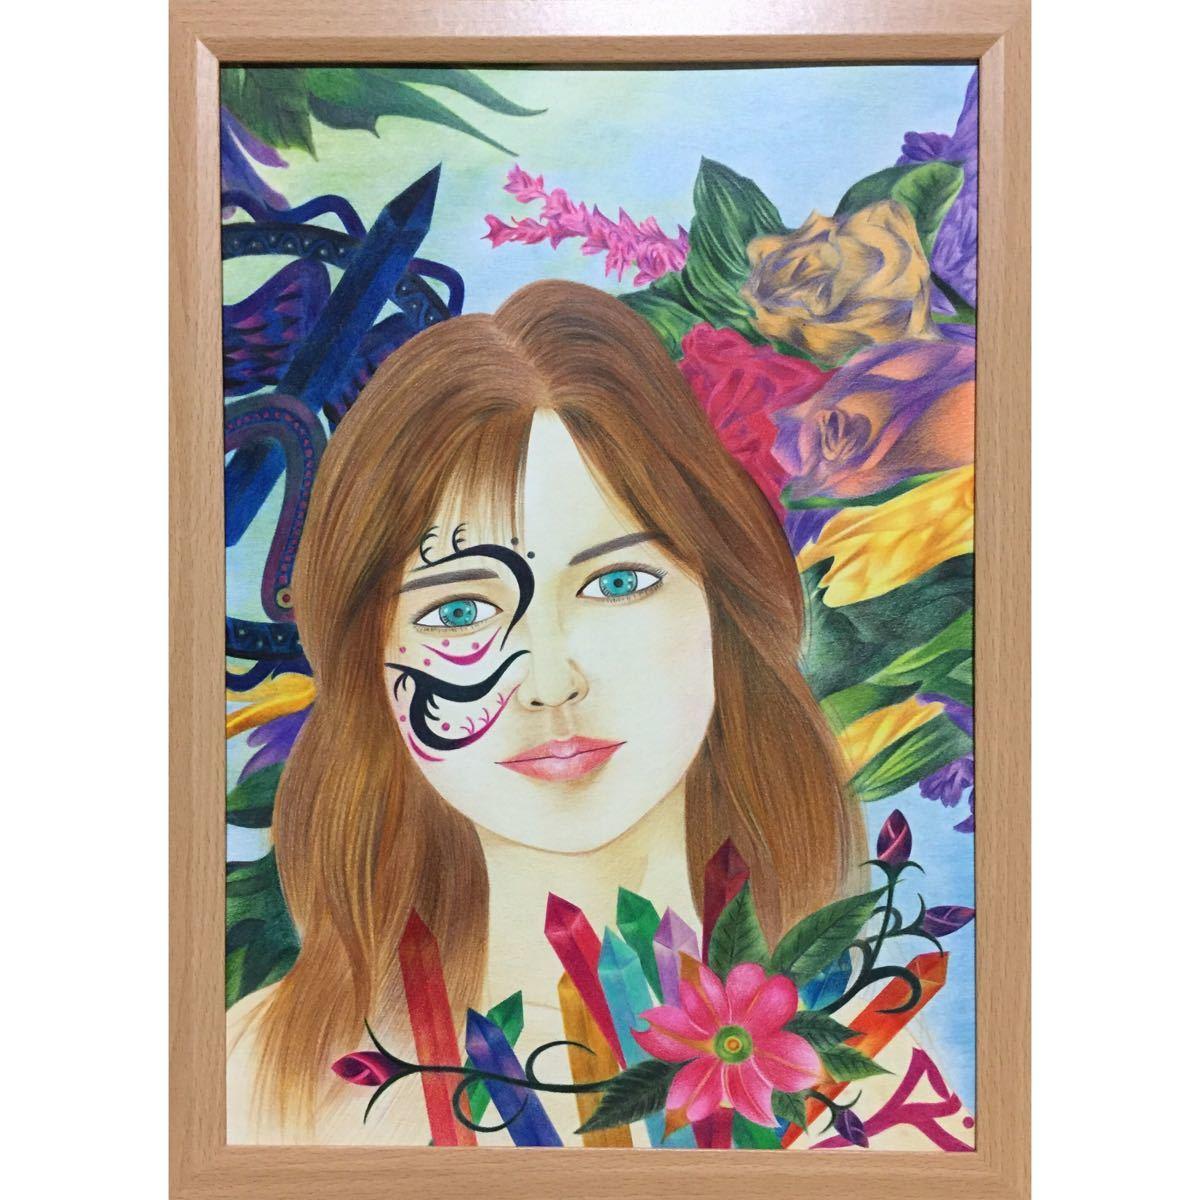 色鉛筆画「 precious 」B4・額付き◇◆手描き◇原画◆人物画◇◆yotto_画像2